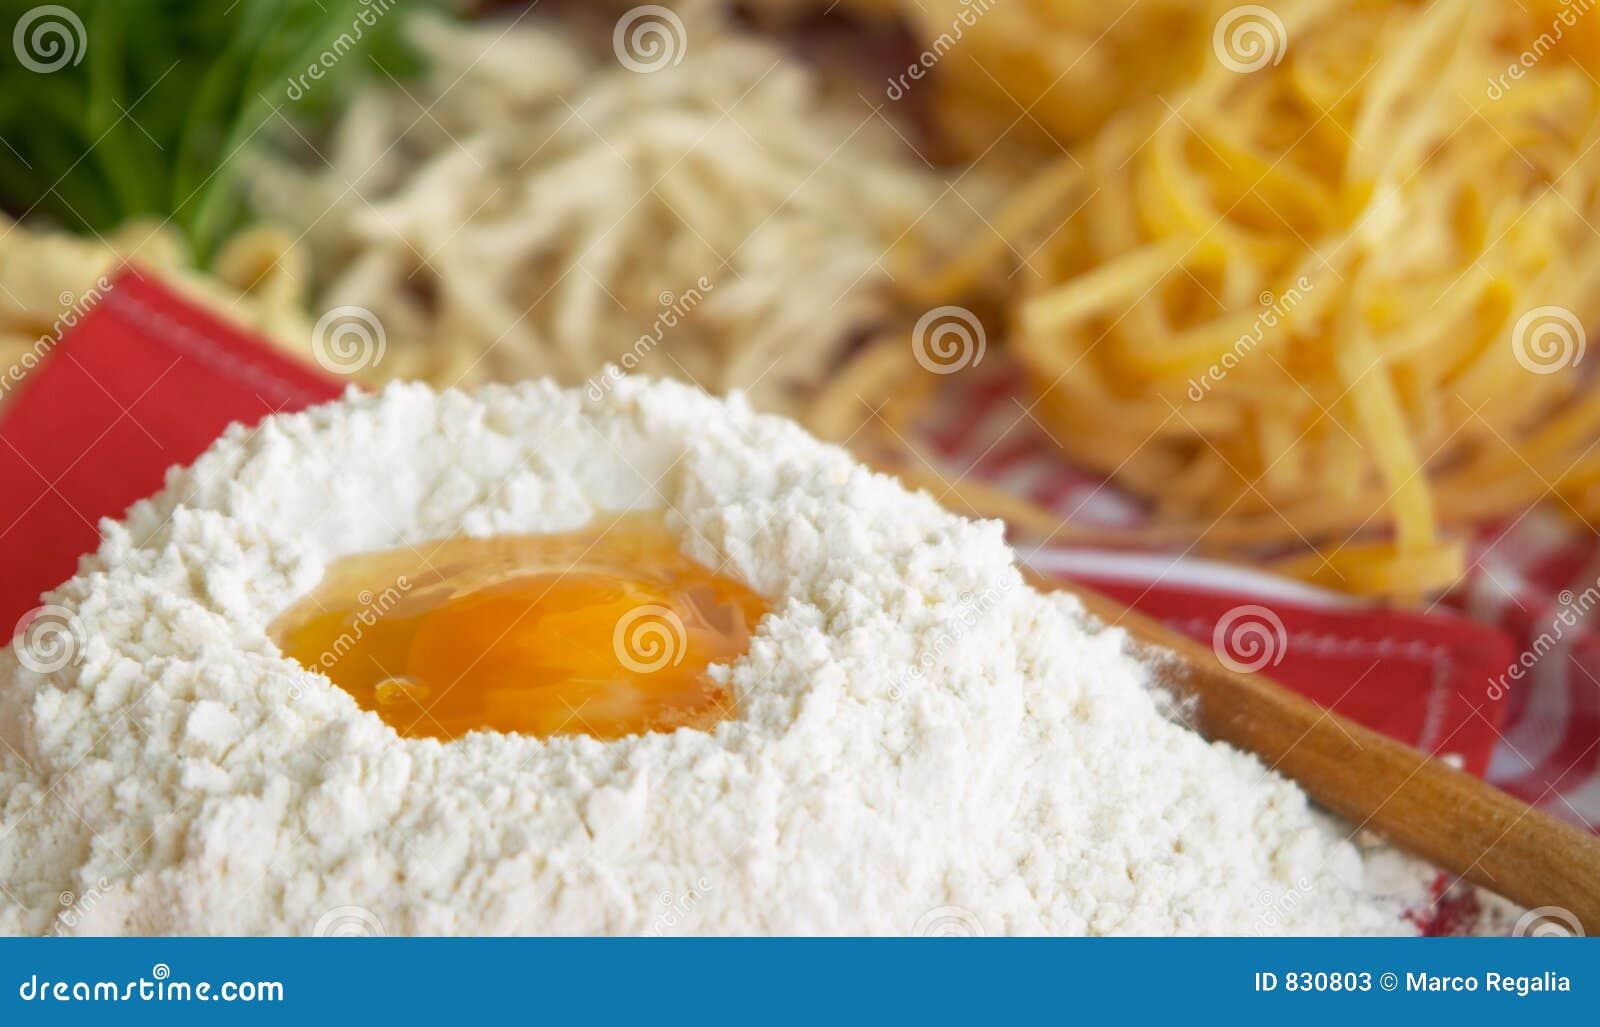 Pasta, egg, flour,